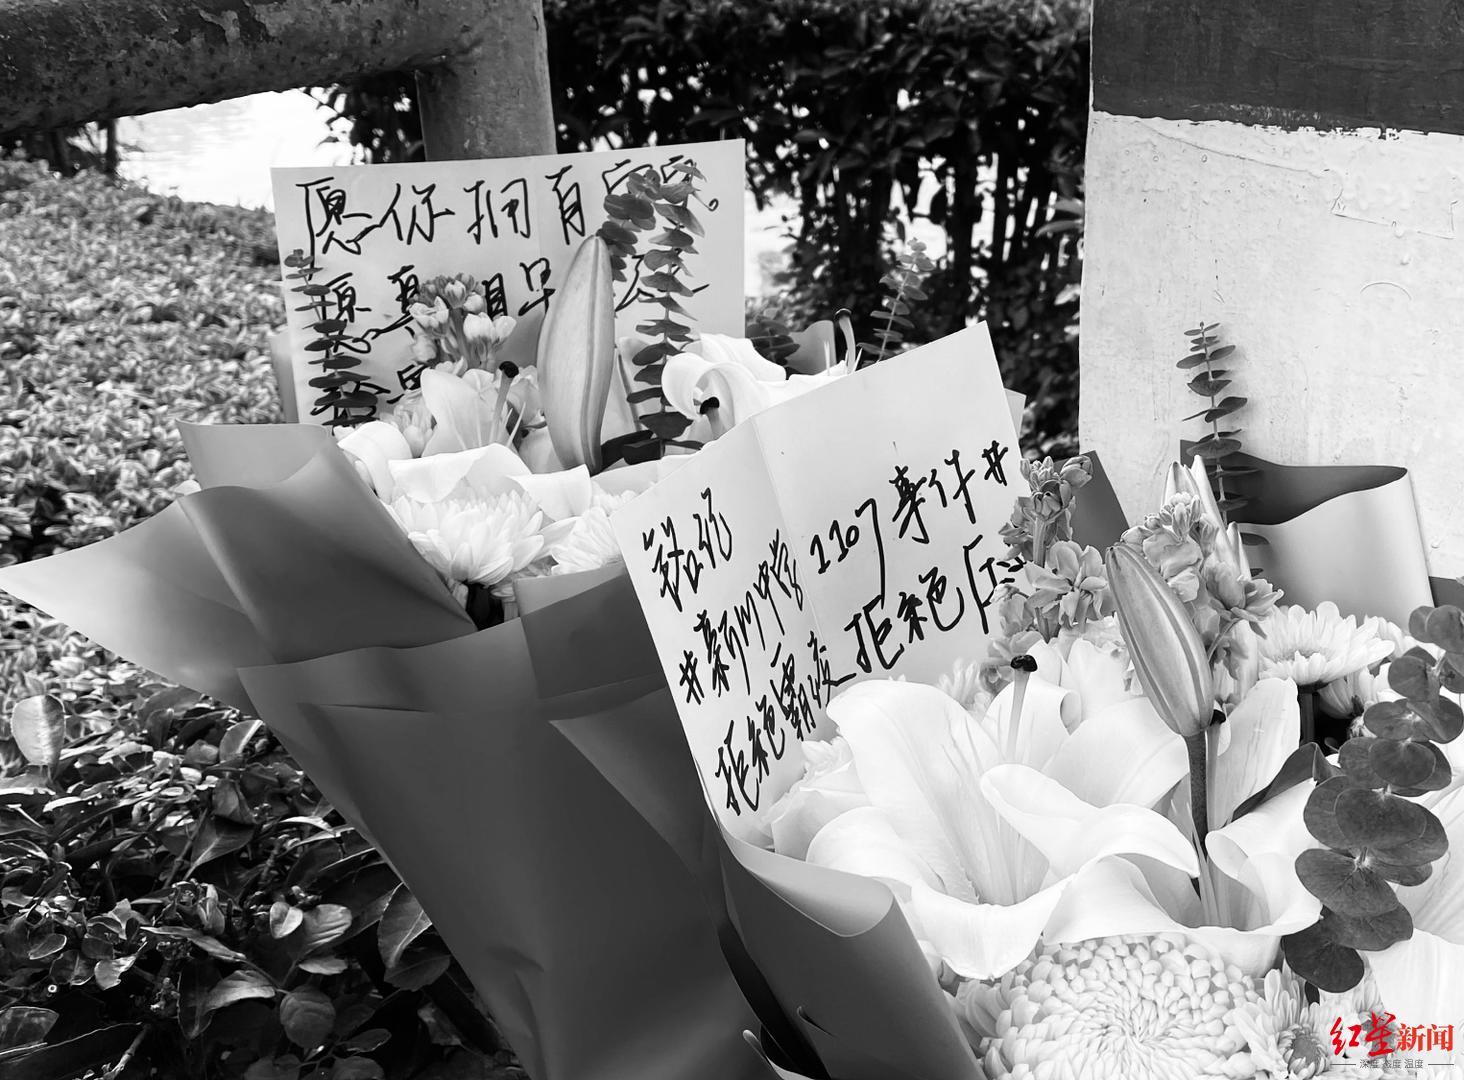 """上海一高三女生留遗书后溺亡,生前曾称被老师怀疑""""早恋""""""""作弊""""(图4)"""